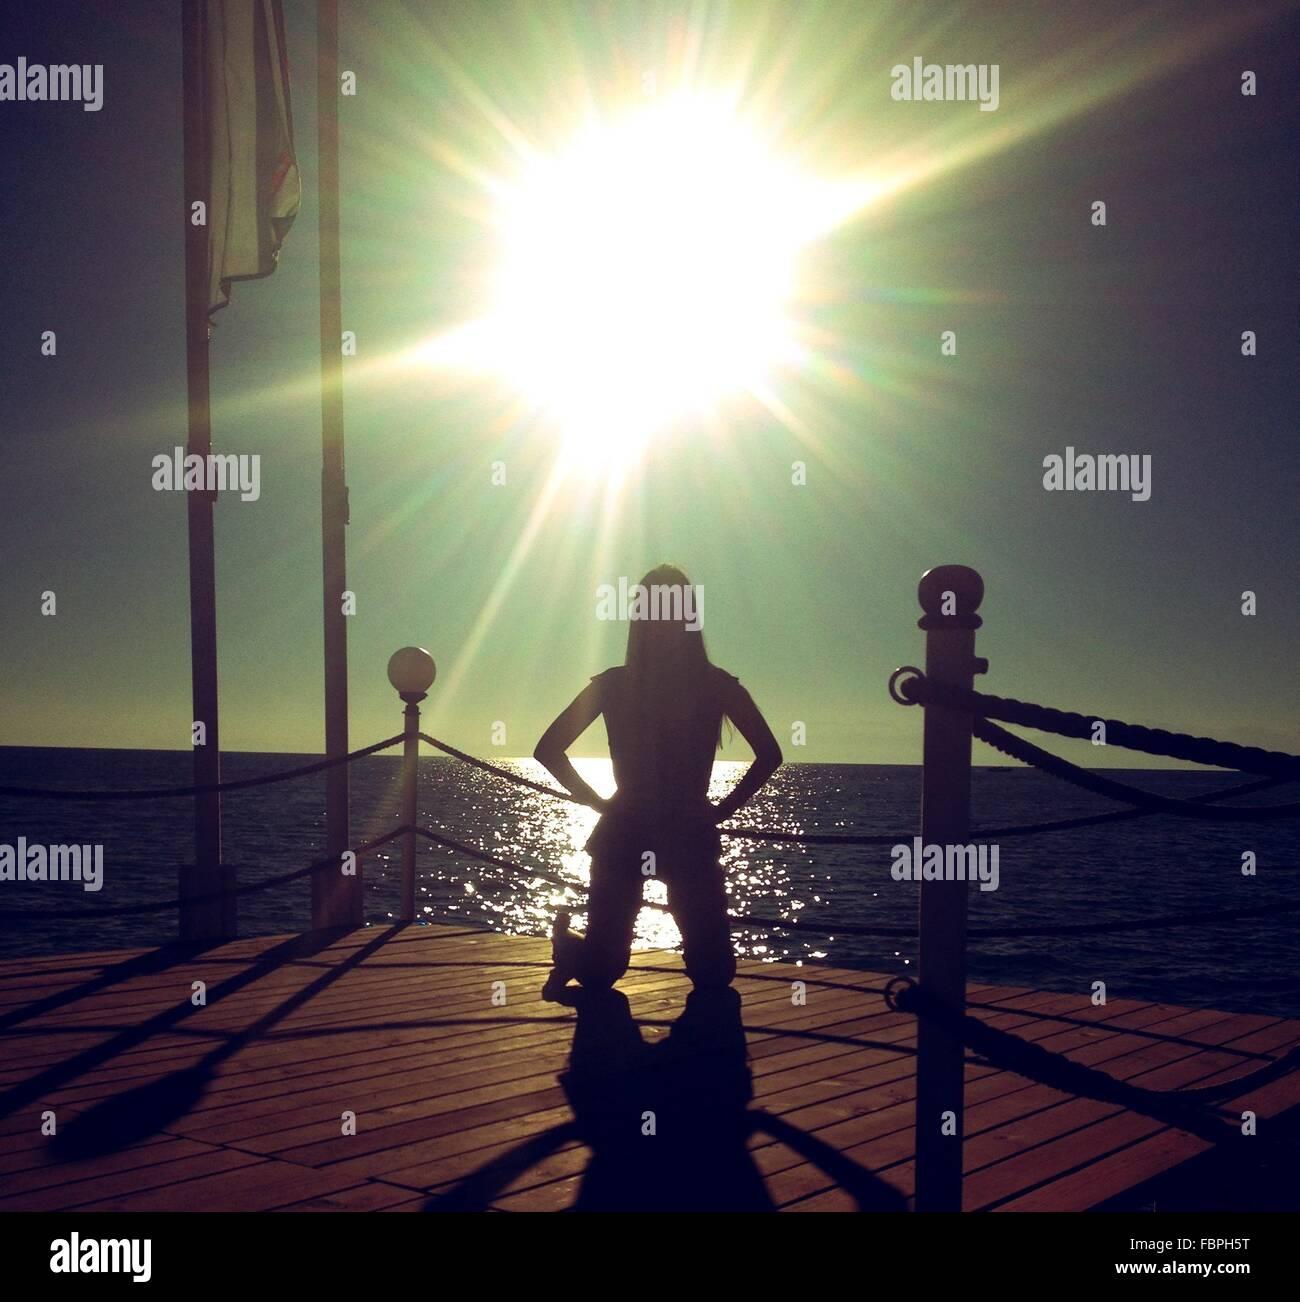 La luz del sol cayendo encima de la mujer arrodillada en el borde del embarcadero Imagen De Stock